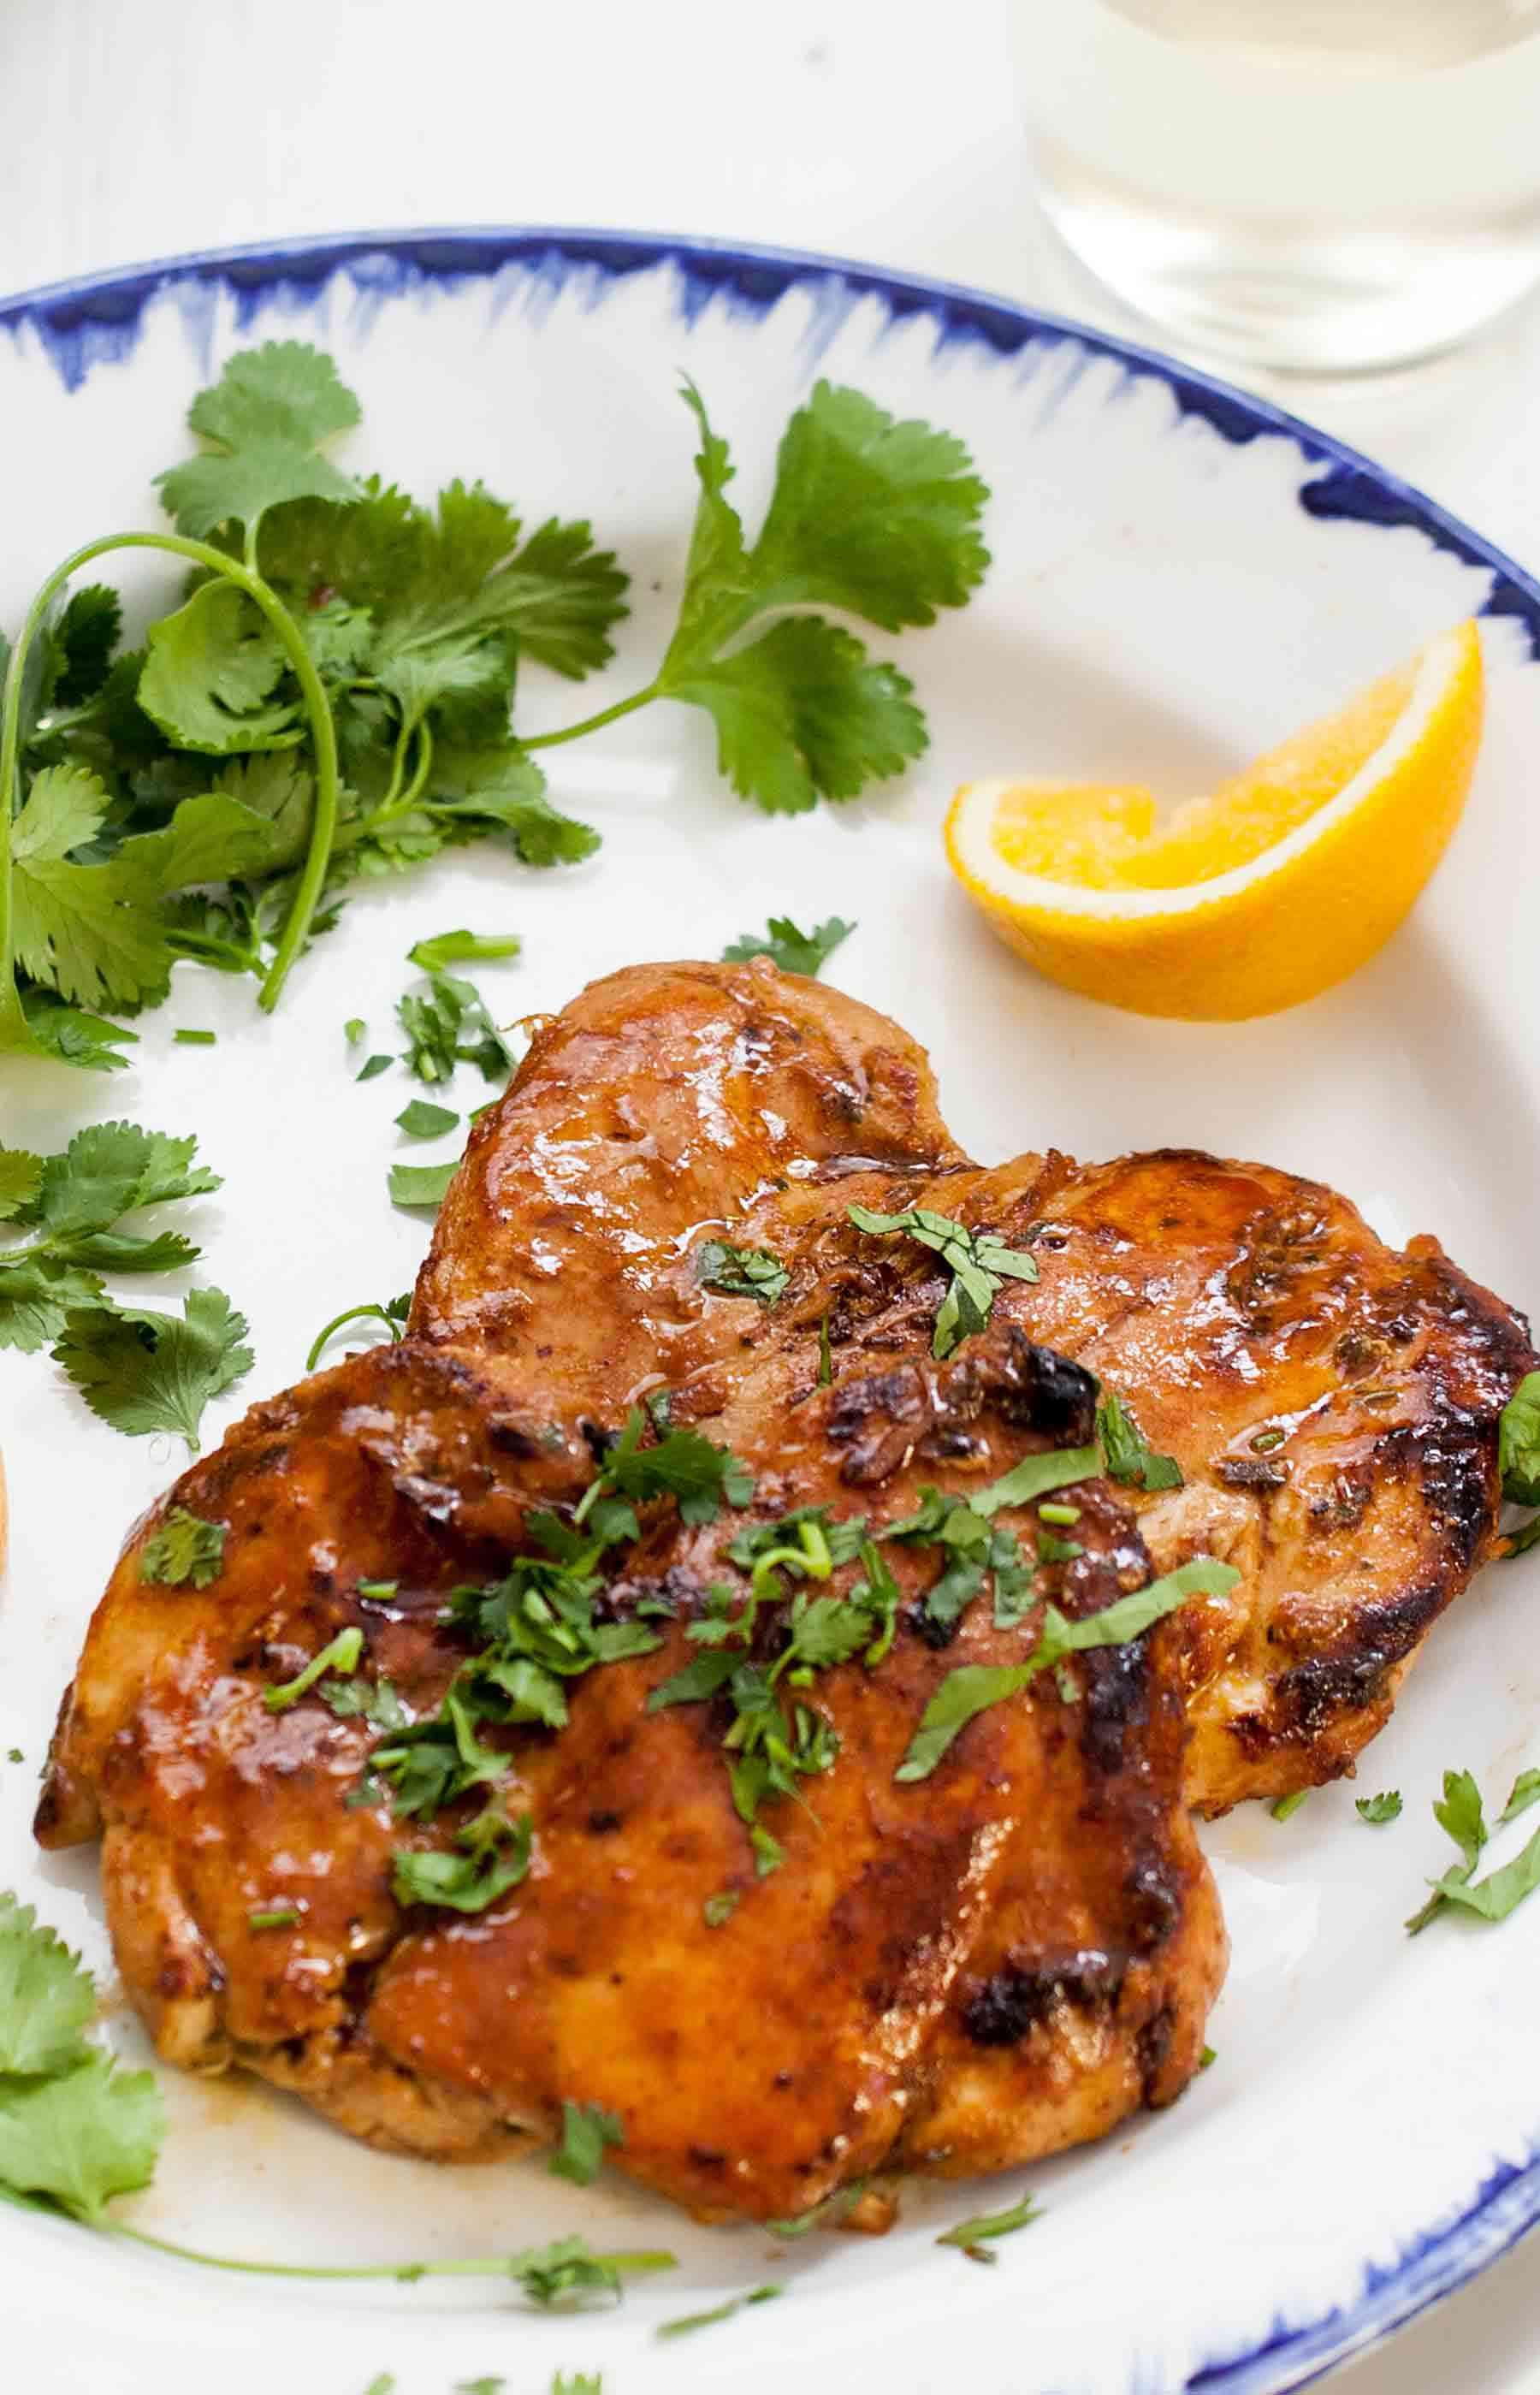 Spicy Chicken with Orange Marinade